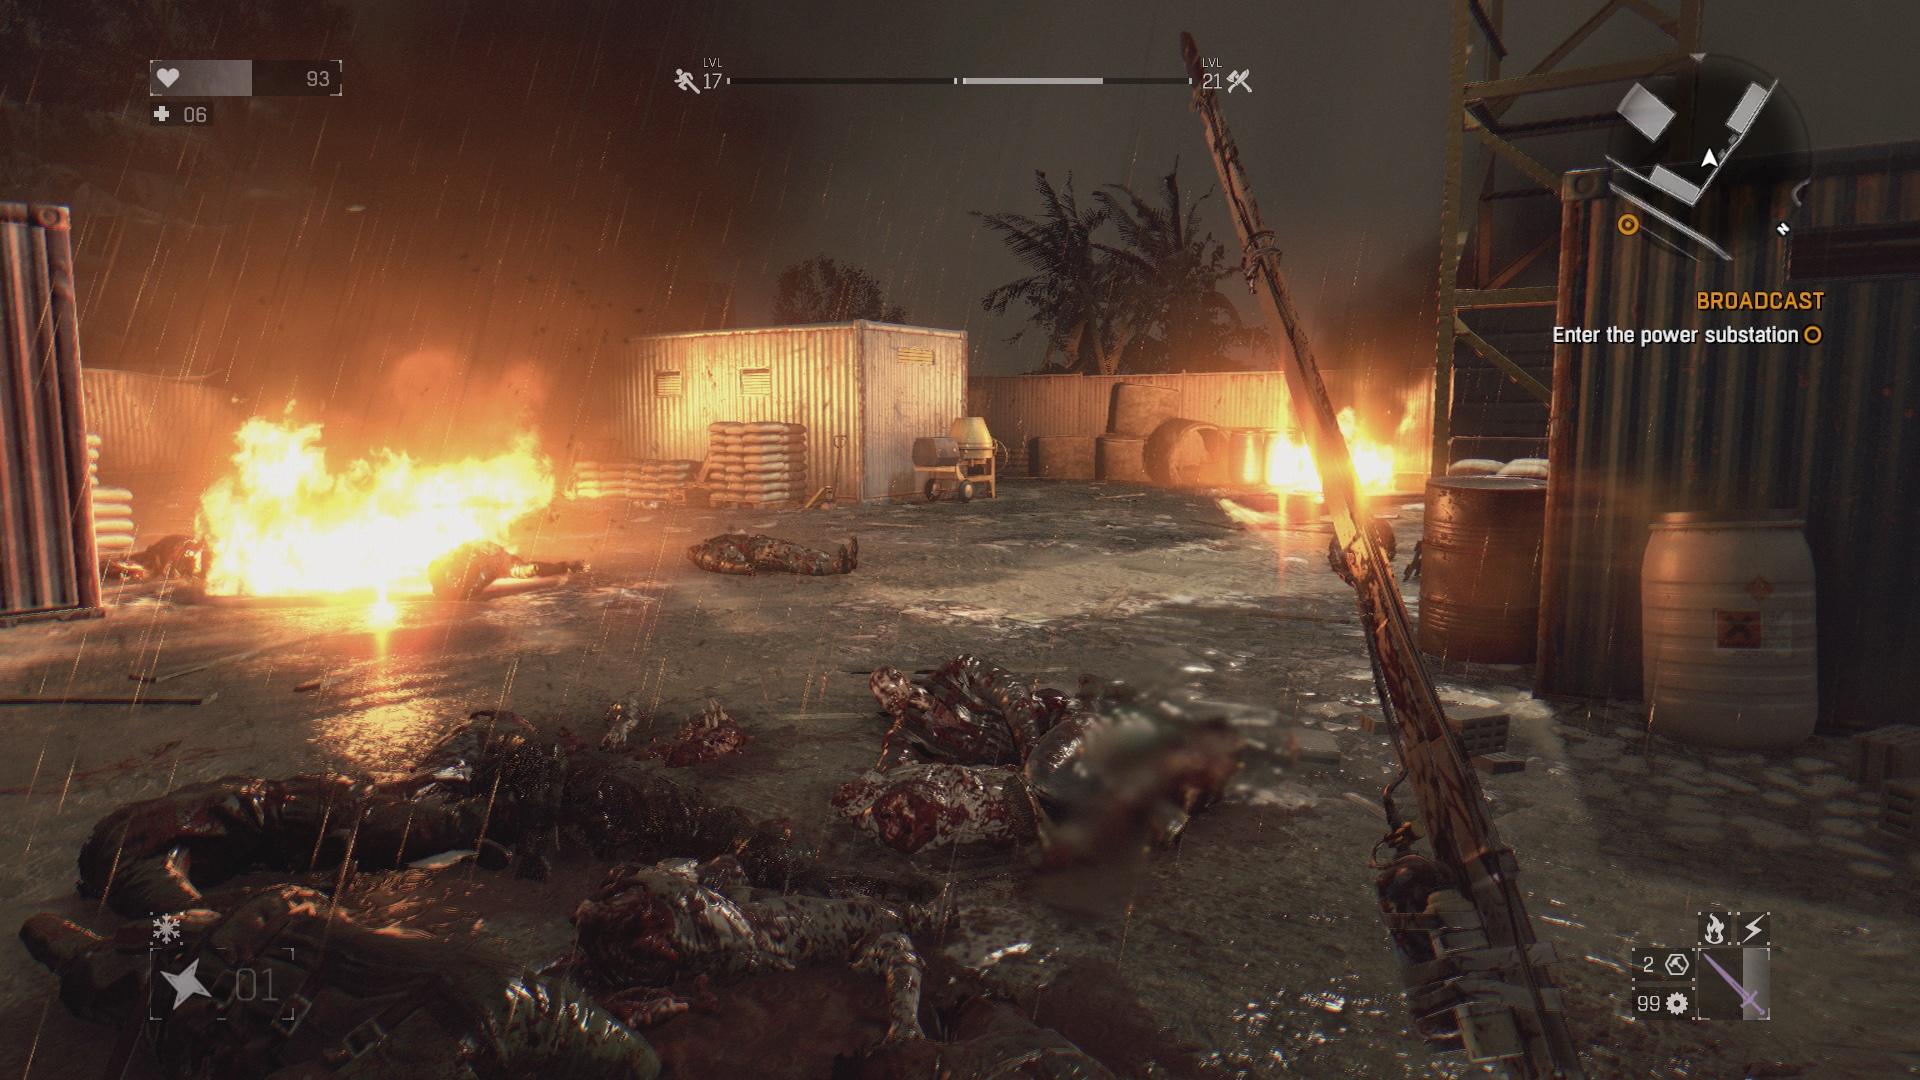 Xbox Pics